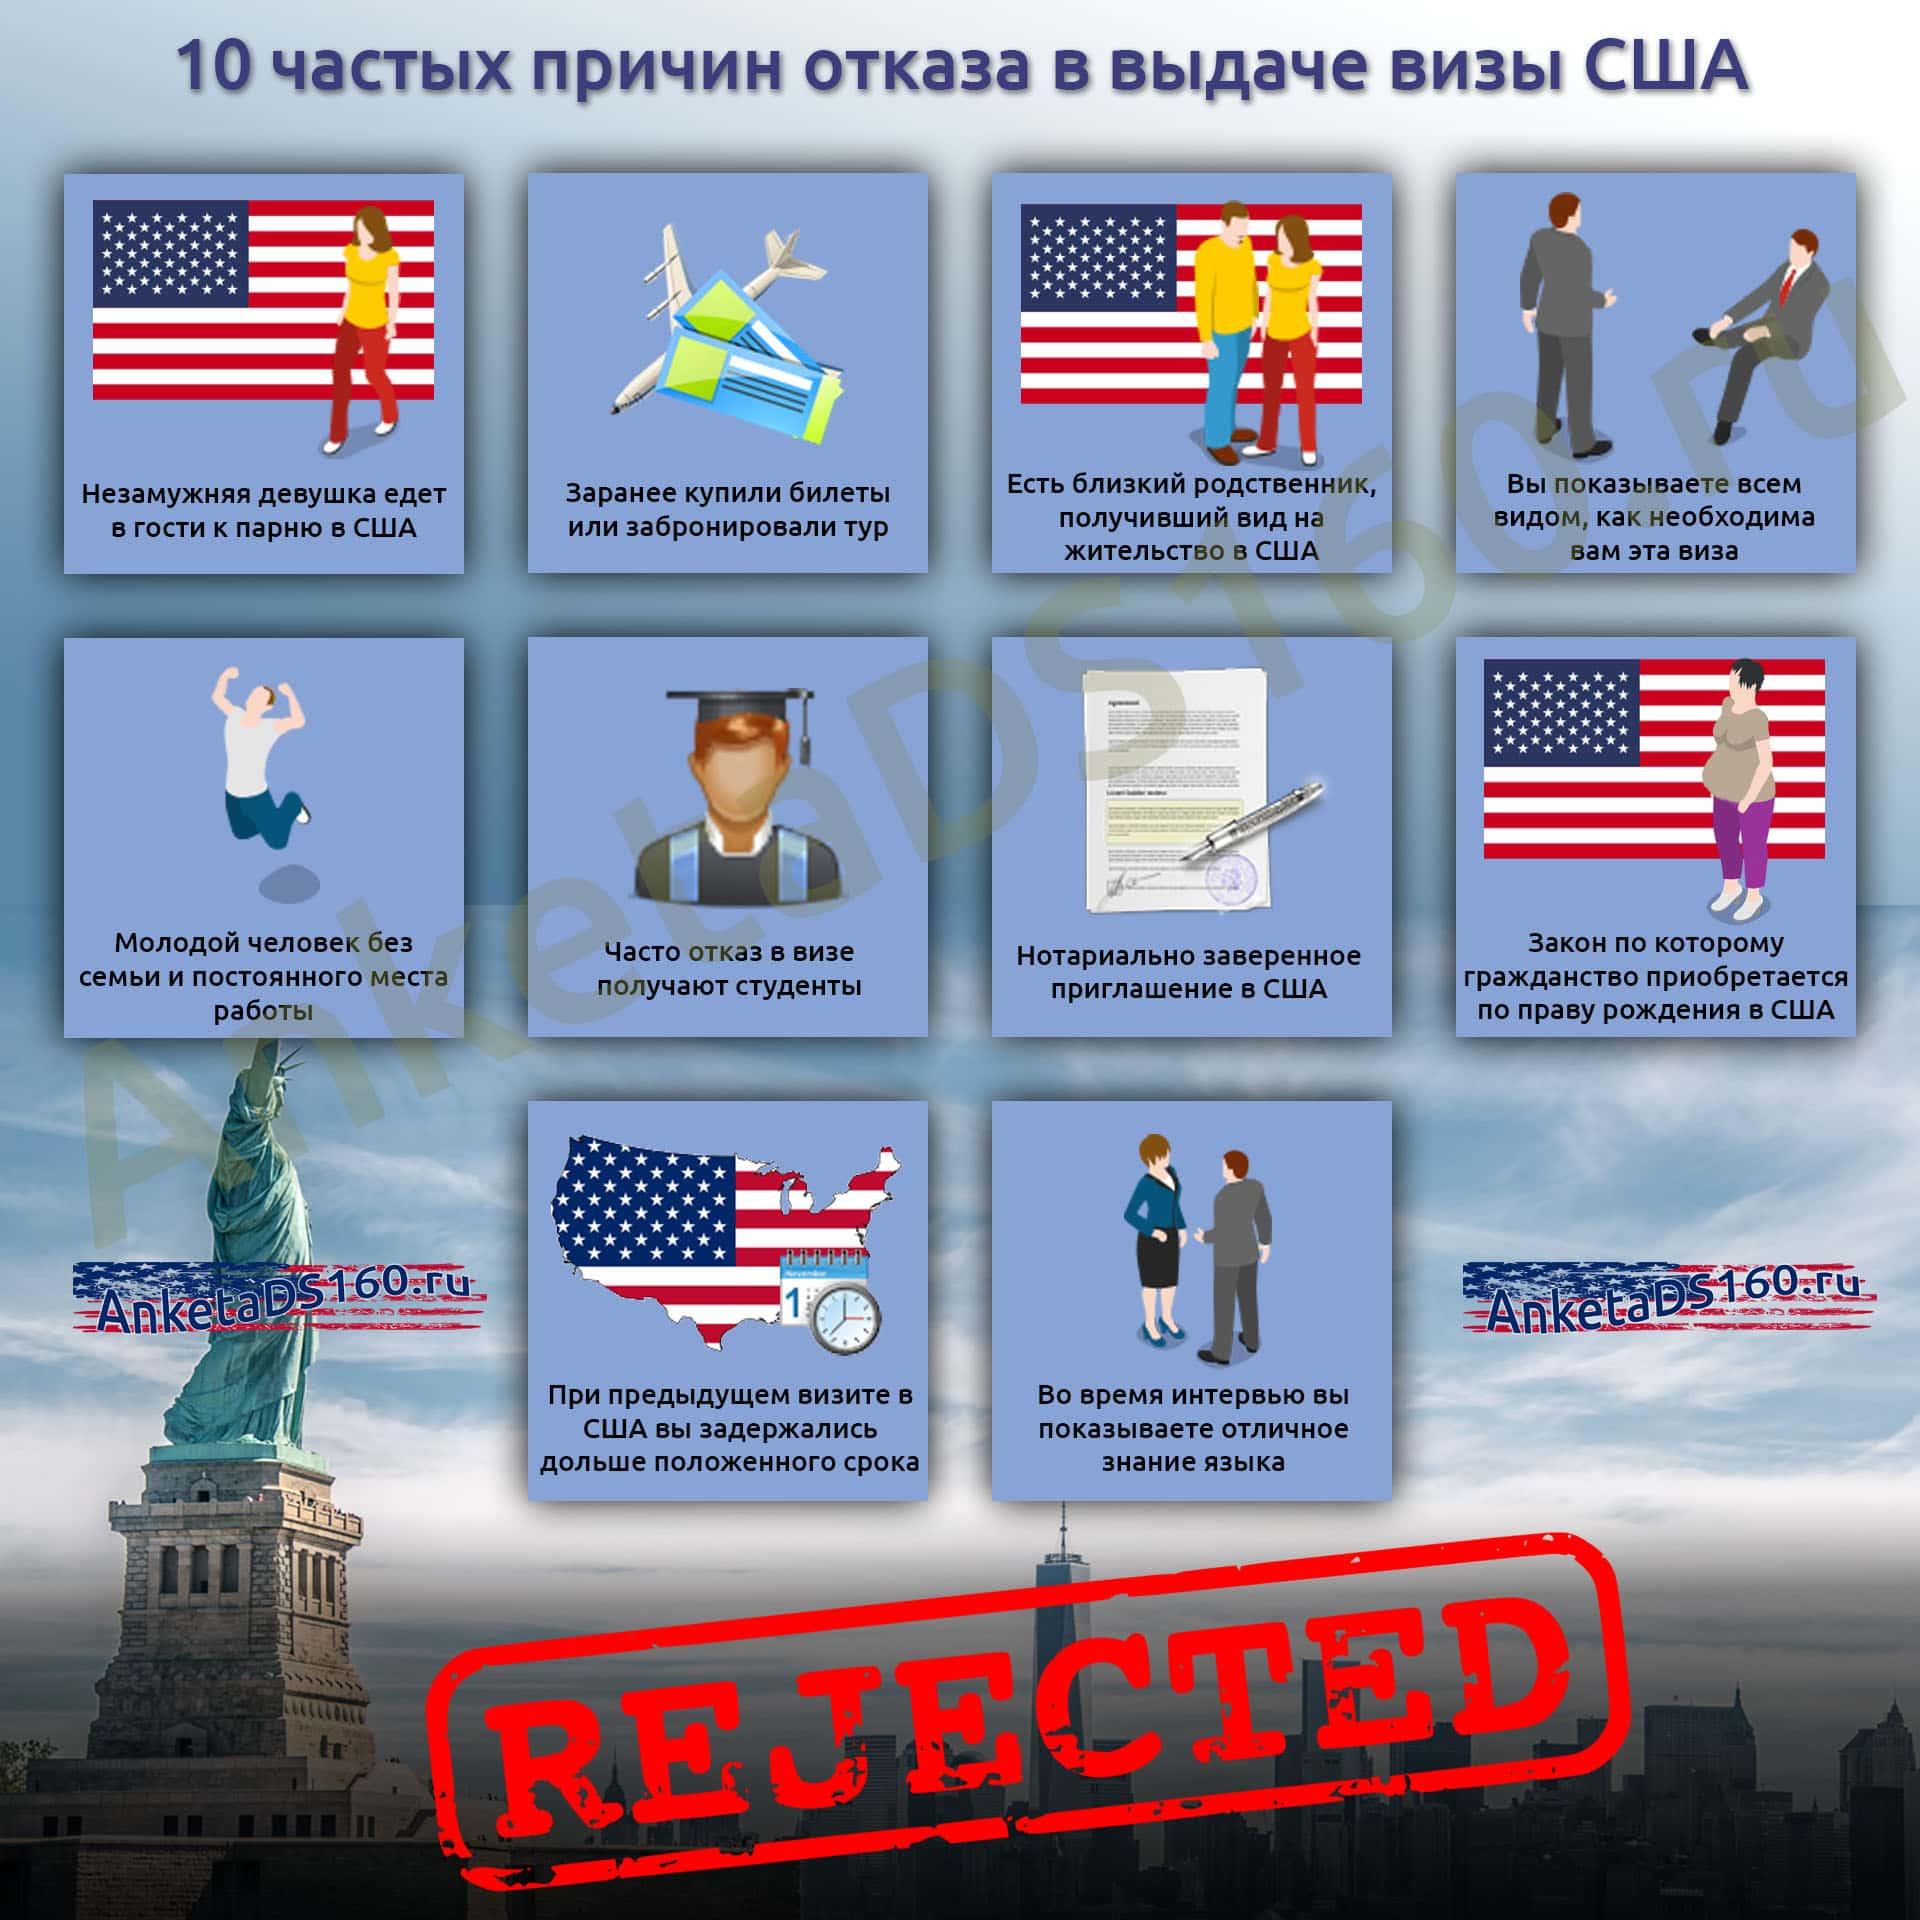 причины отказа в выдаче визы США